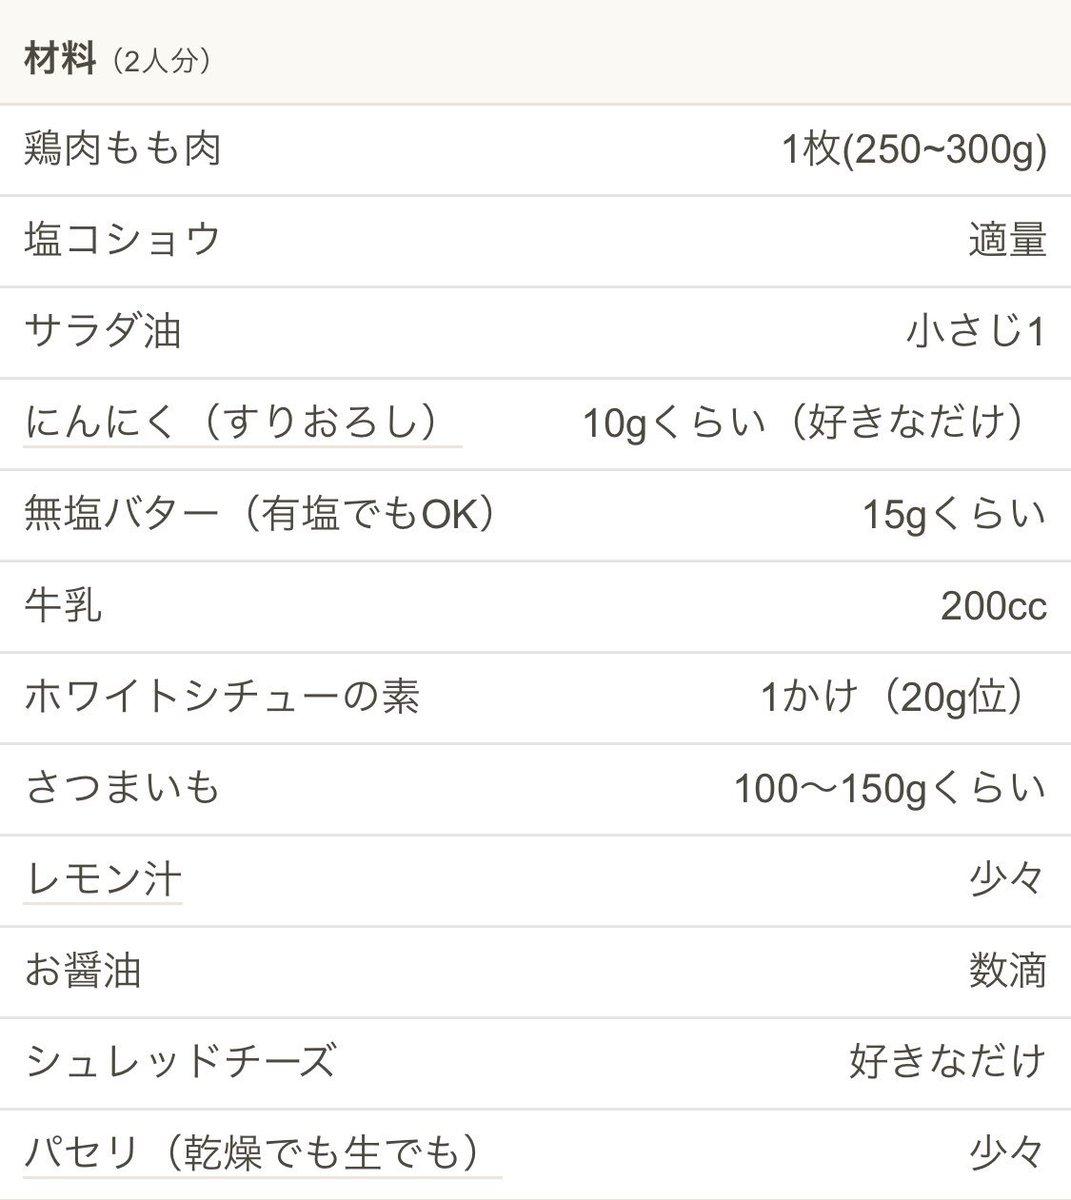 実は、松屋はクックパッドで公式にシュクメルリのレシピを公開しているんですよ...🥘🇬🇪